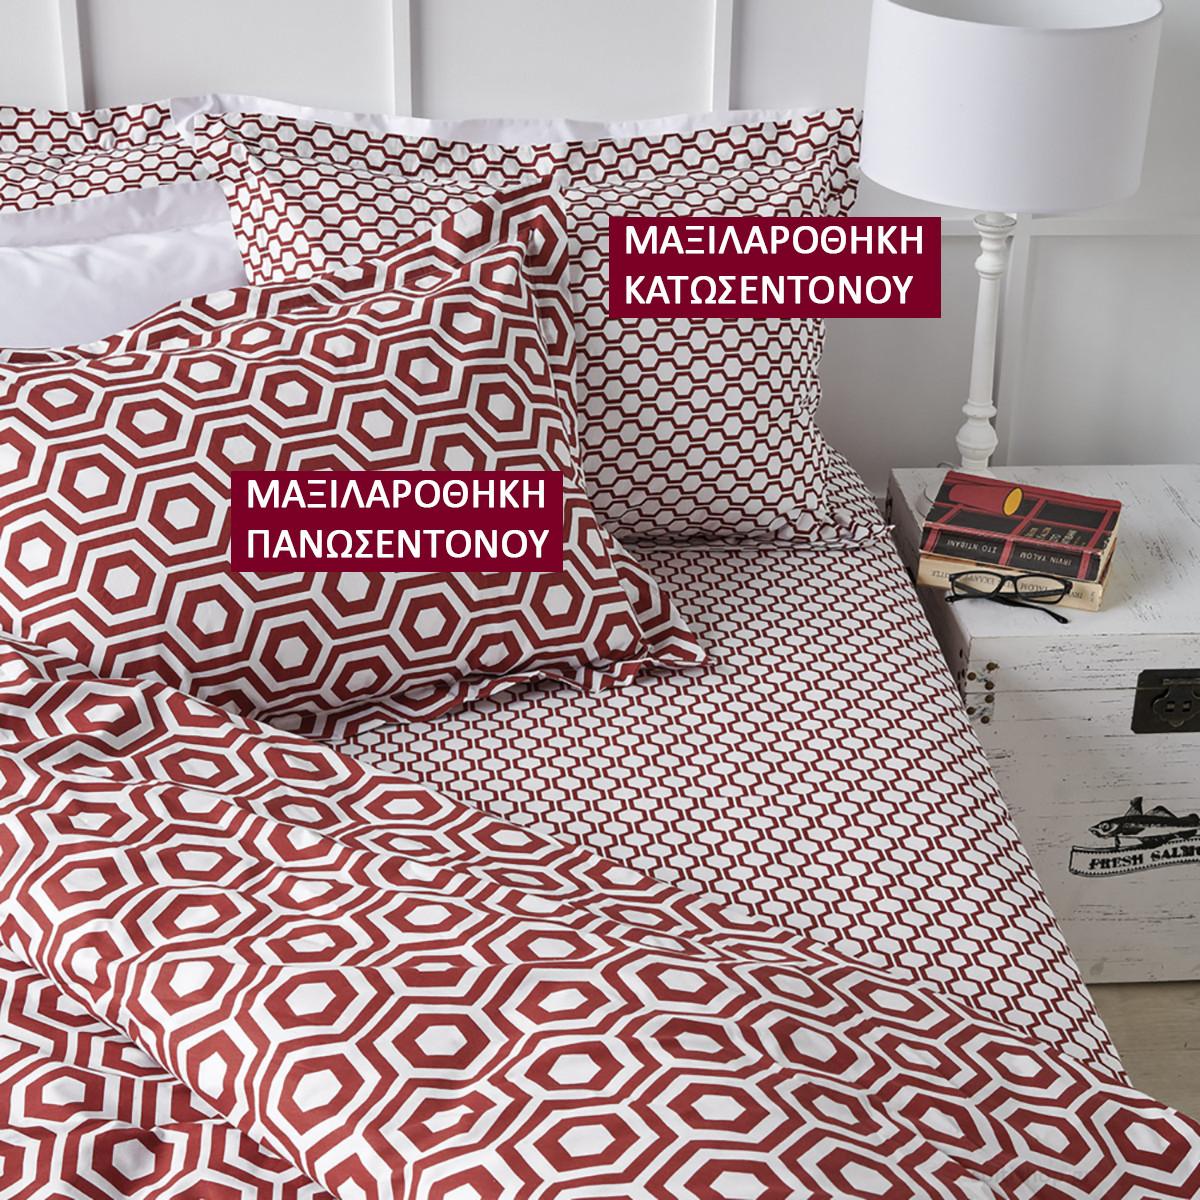 Ζεύγος Μαξιλαροθήκες Kentia Loft Melissa 17 home   κρεβατοκάμαρα   μαξιλάρια   μαξιλαροθήκες